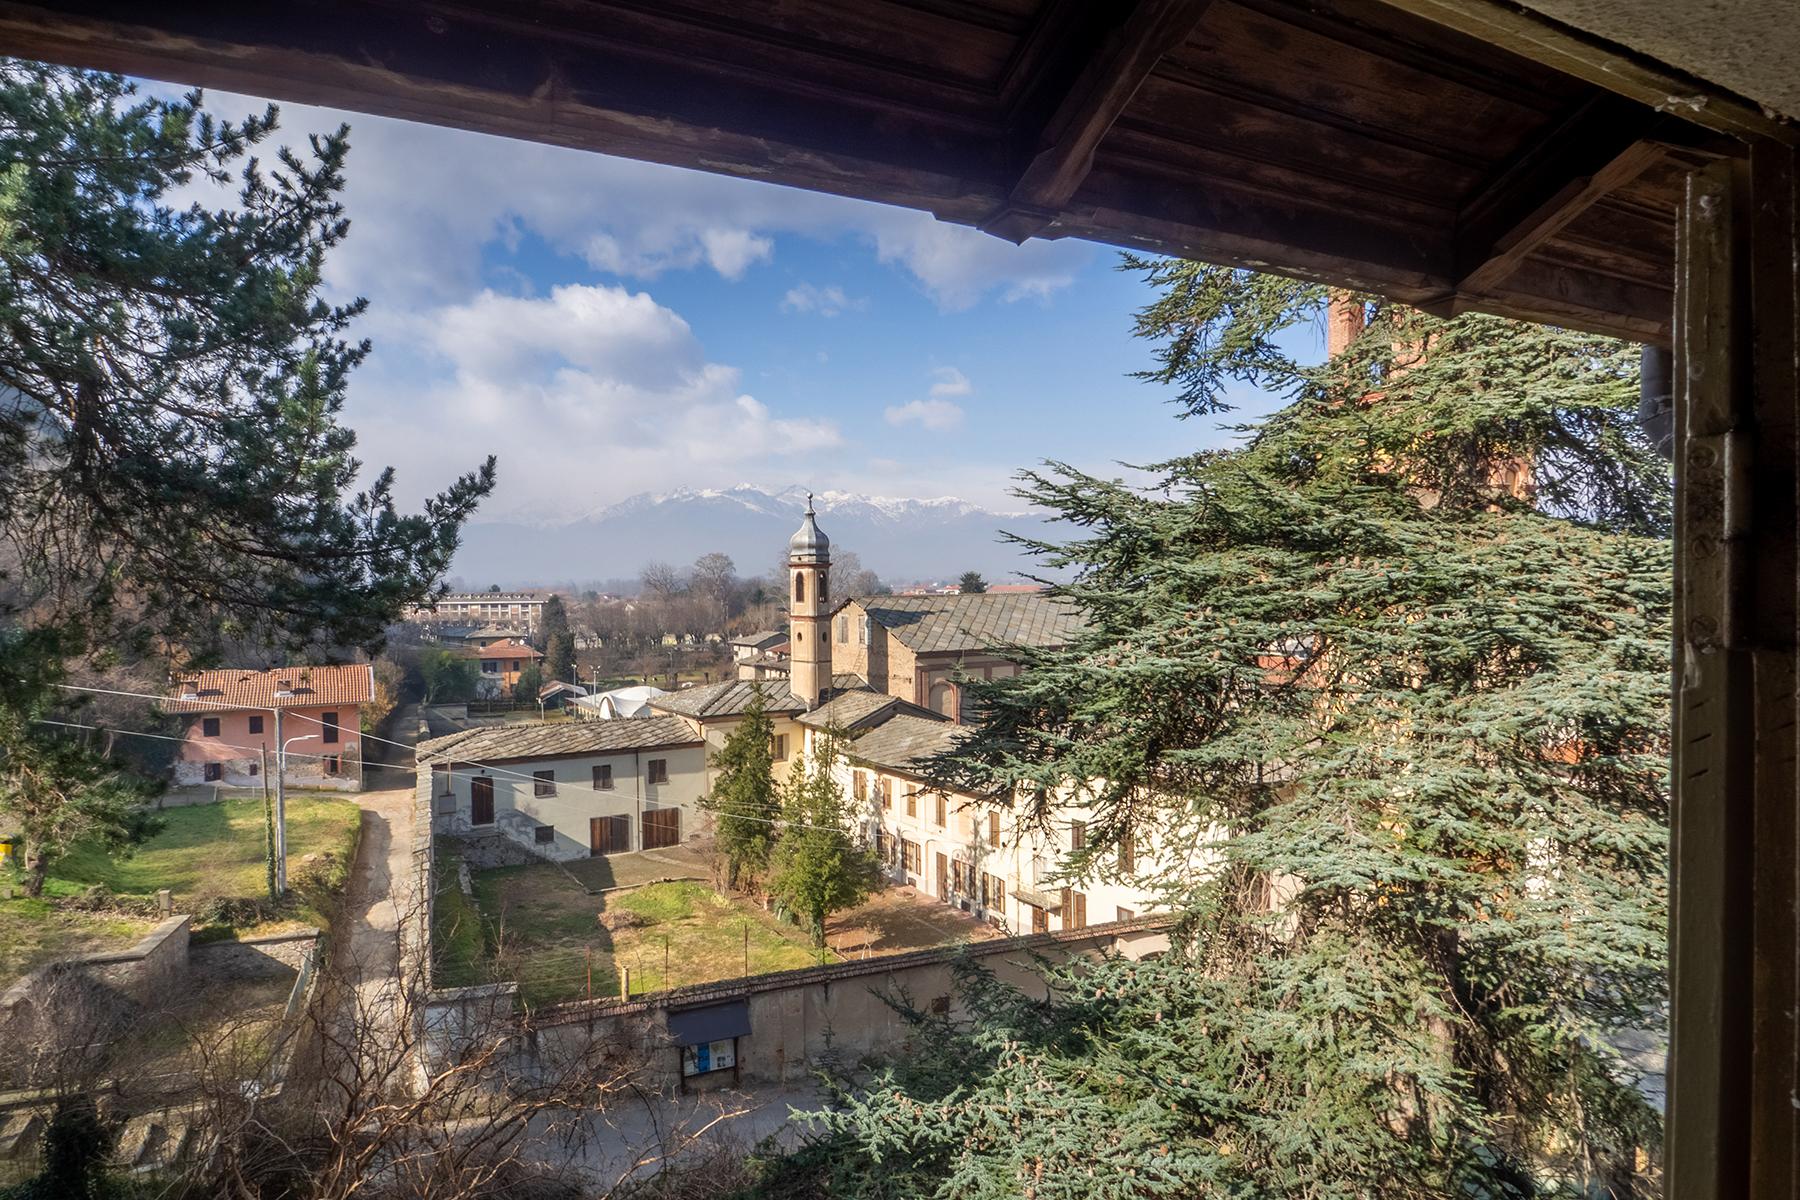 Villa in Vendita a Cavour: 5 locali, 600 mq - Foto 16